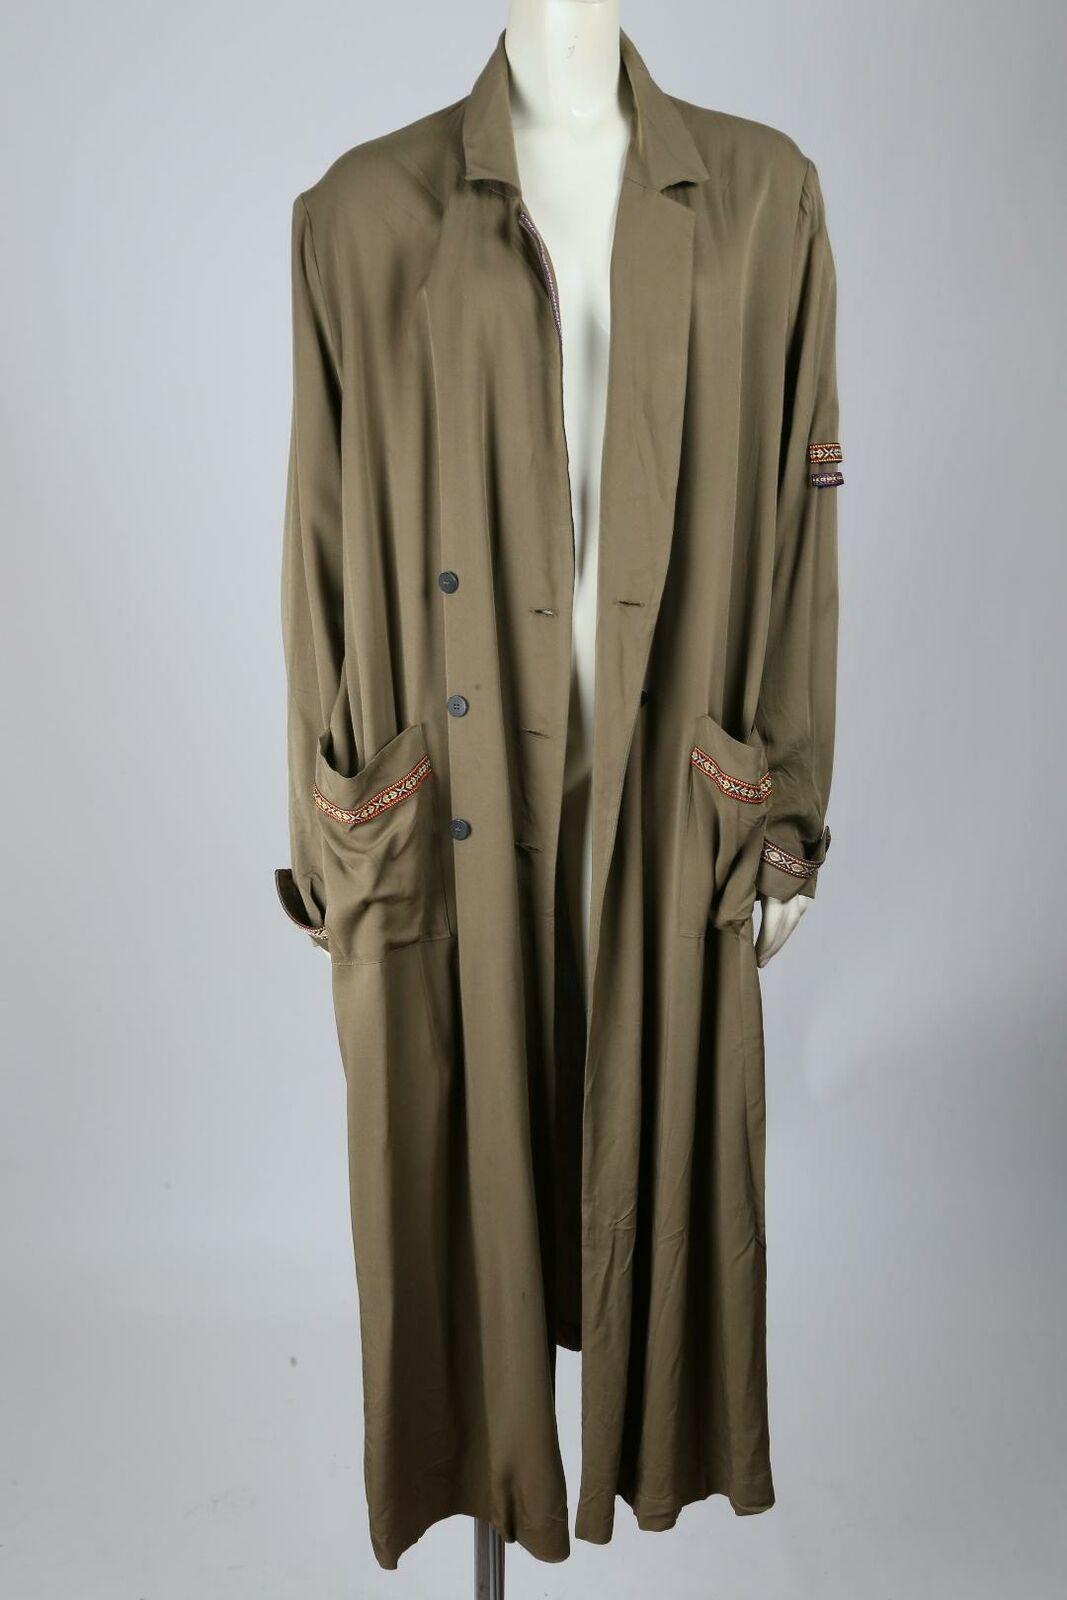 MANGO Olive Green Oversized Wrap Long Trench Coat… - image 2